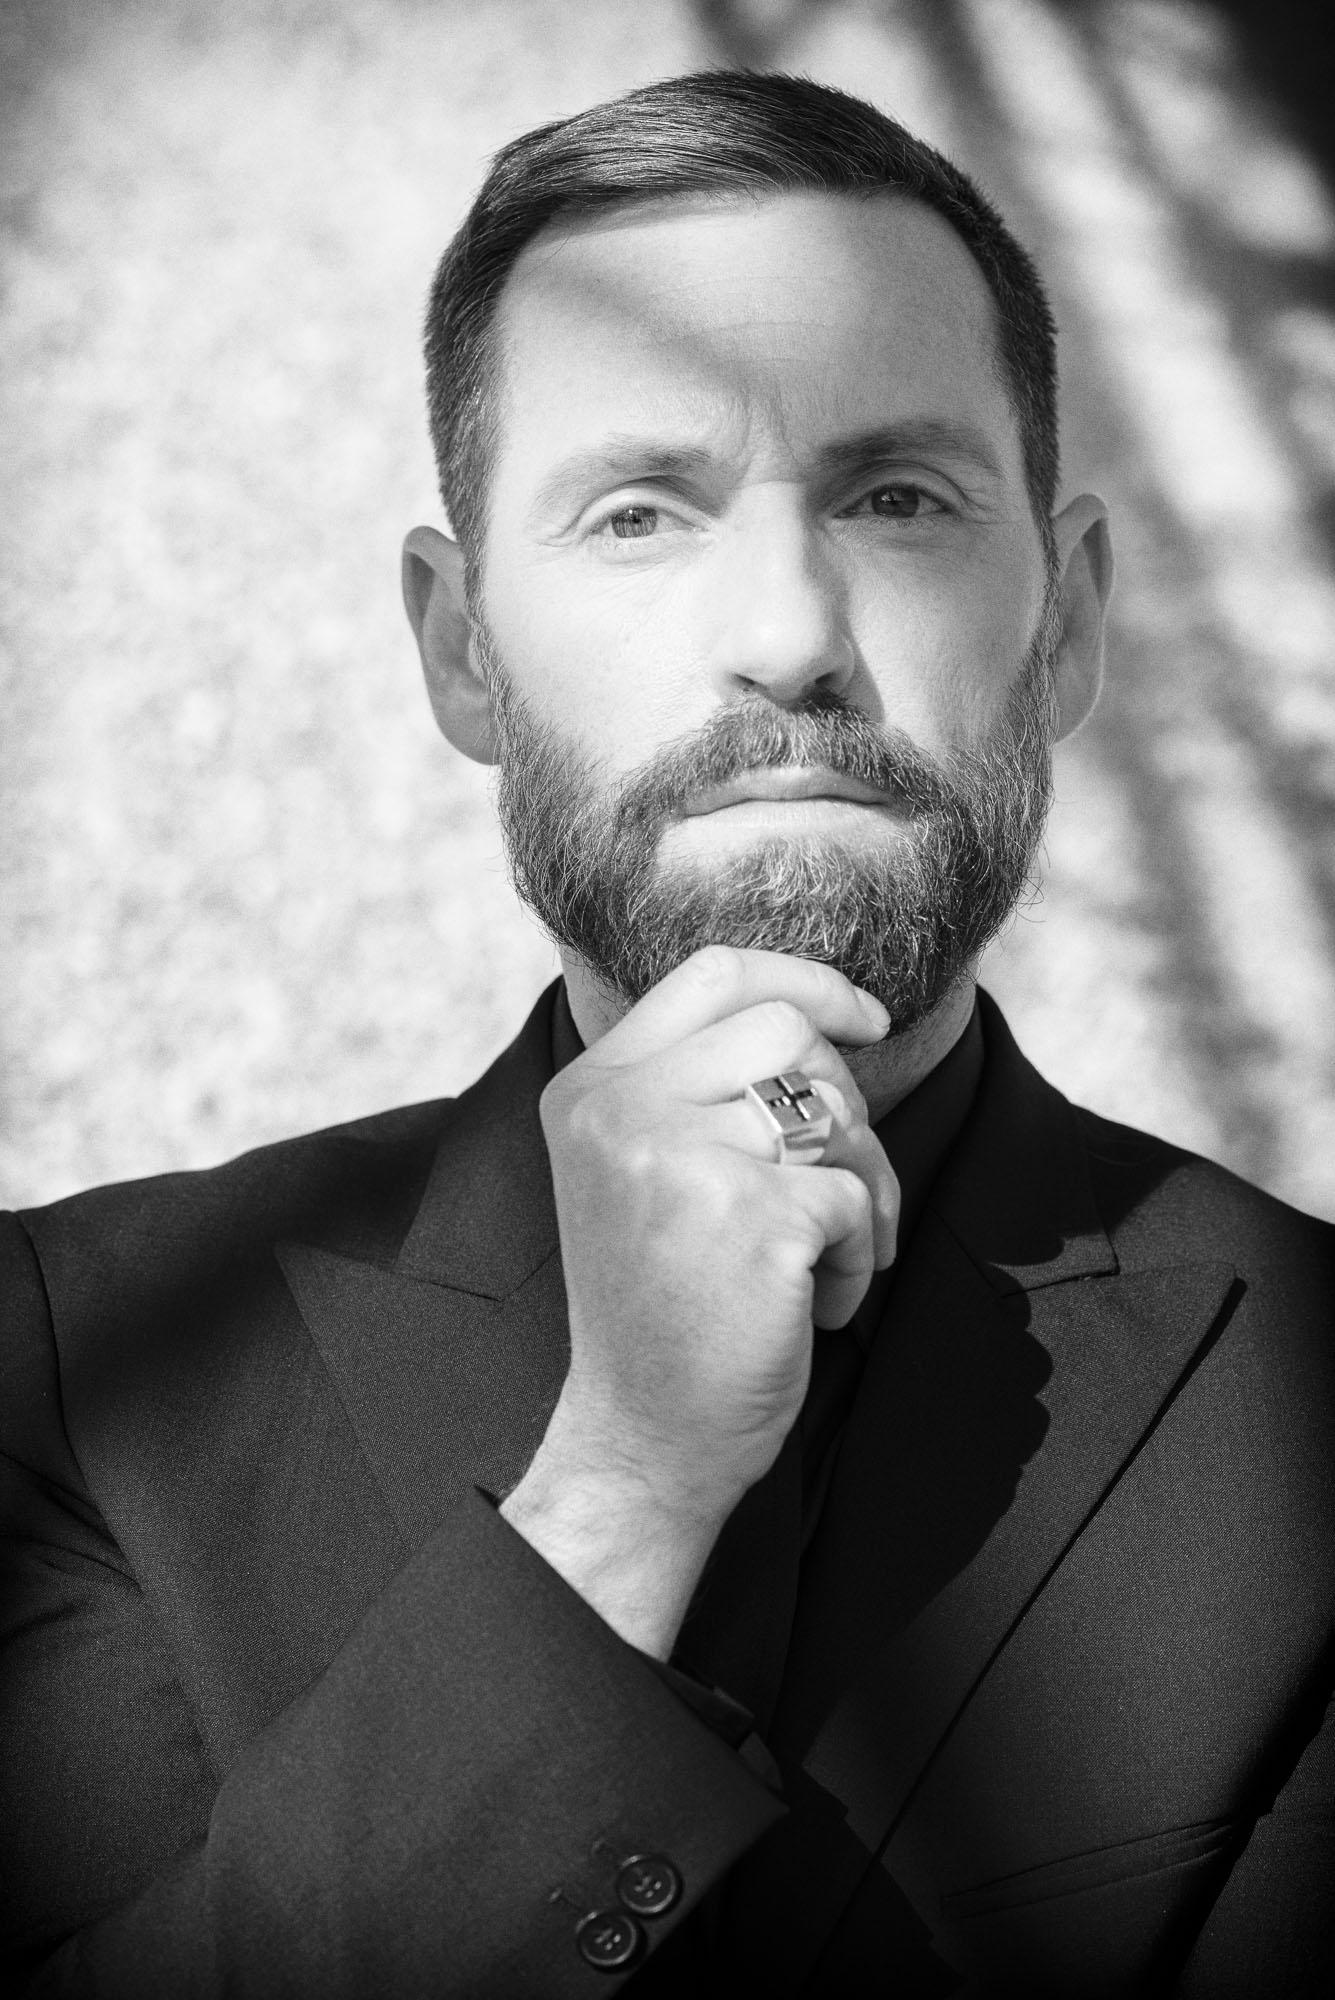 gortana_photo_beard_02